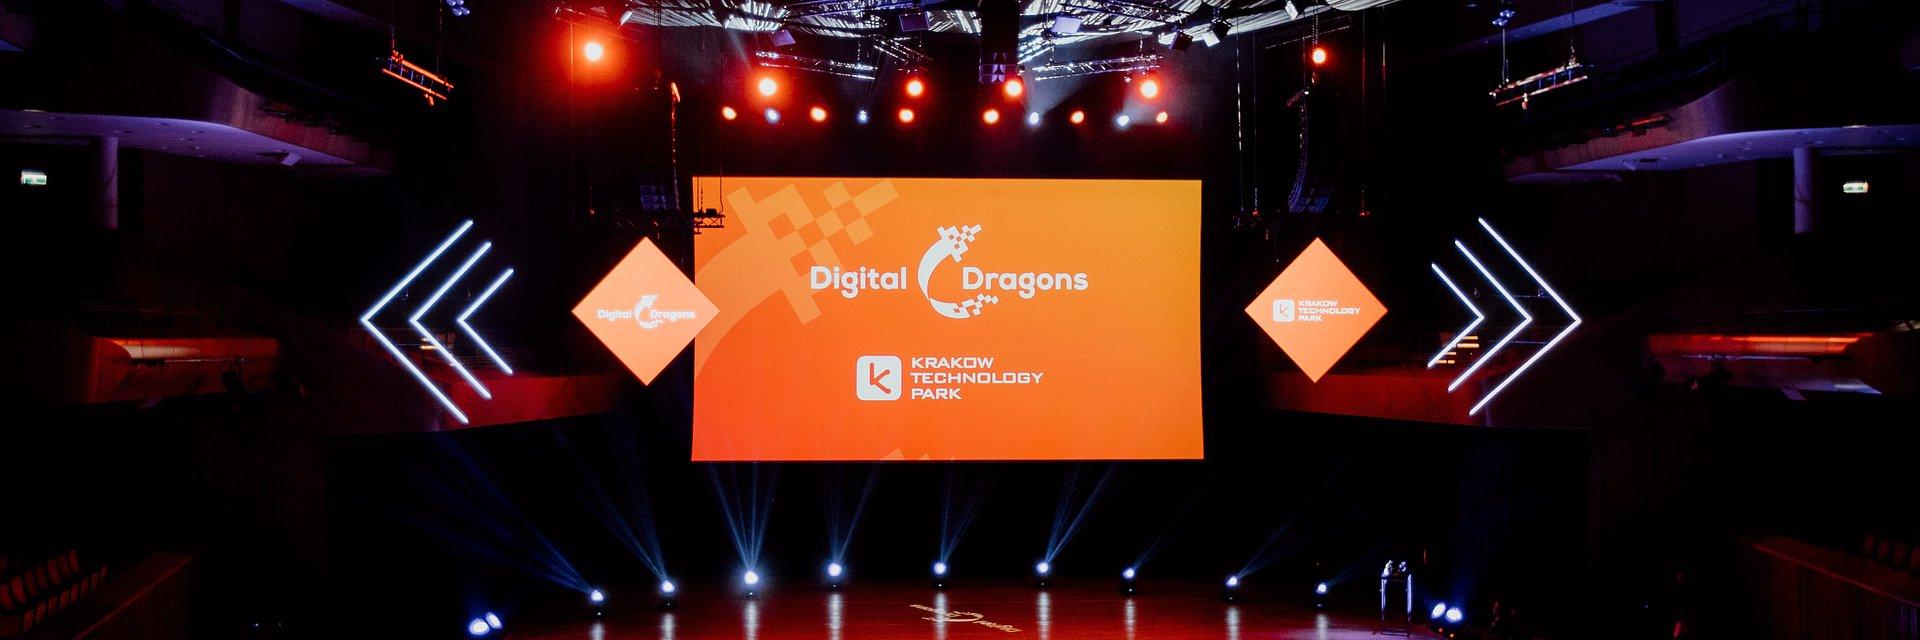 Spotkajmy się na Digital Dragons online oraz na żywo podczas networkingowego dnia w Krakowie!